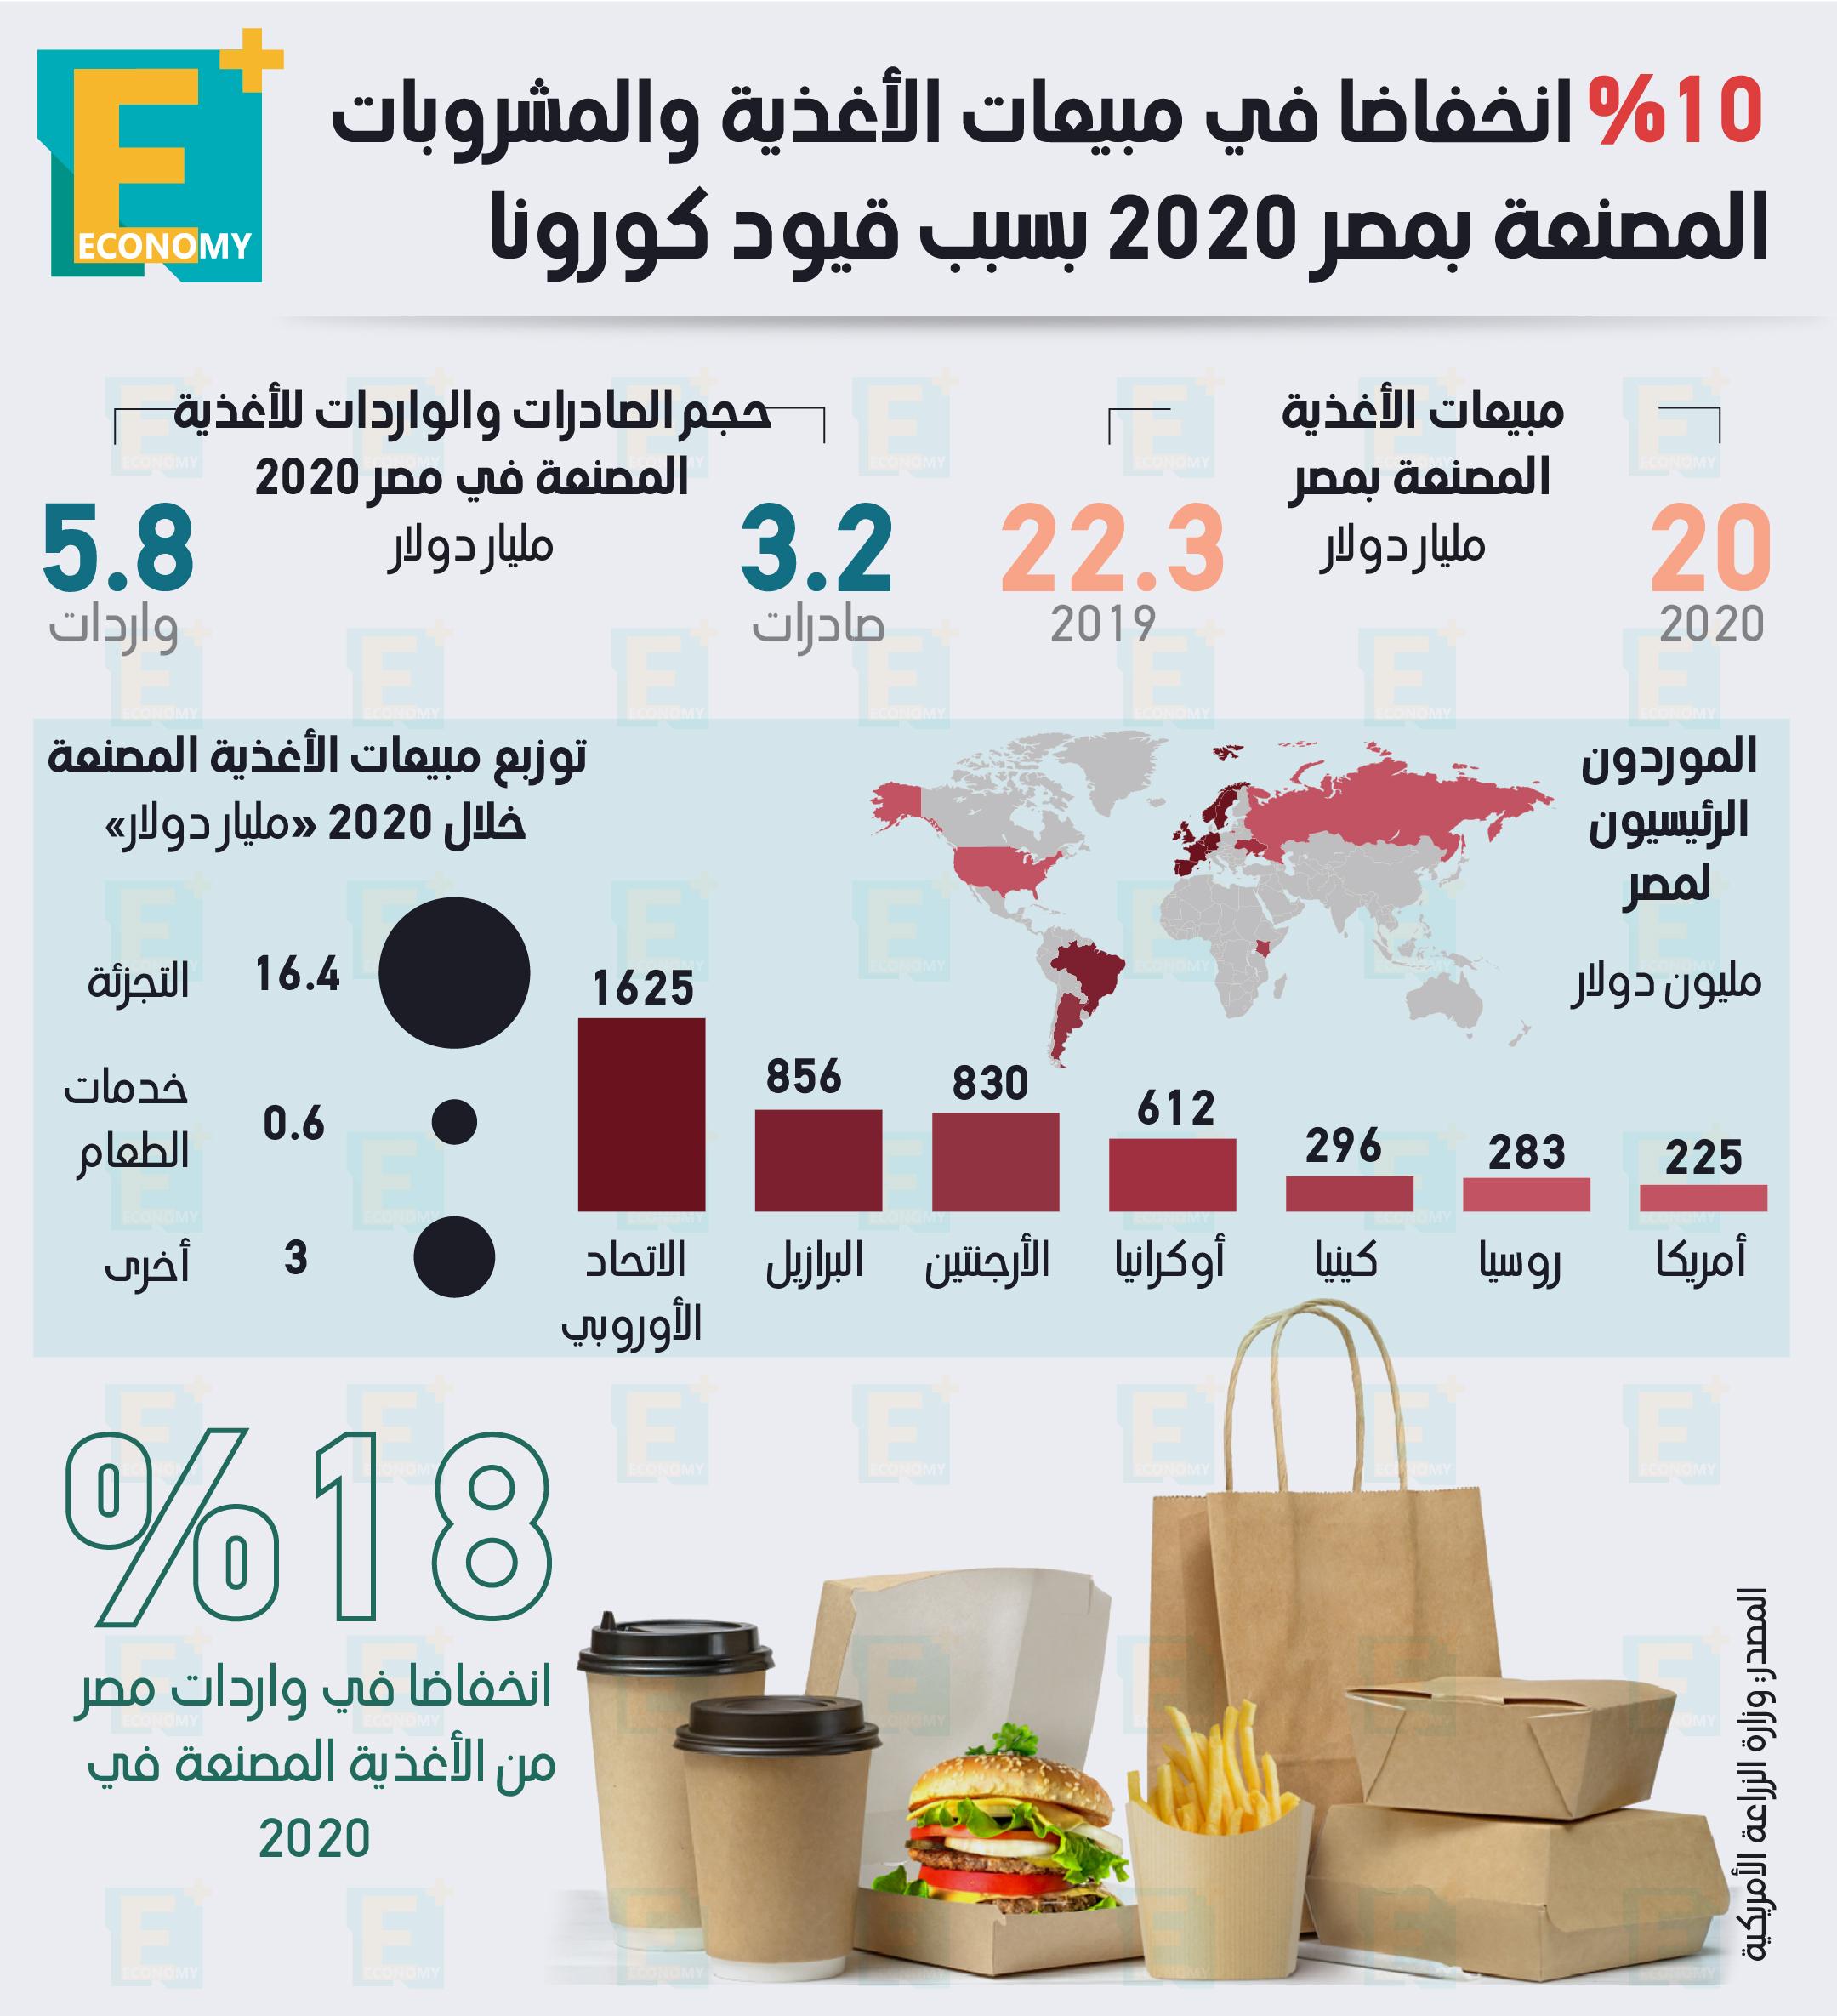 10 % انخفاضا في مبيعات الأغذية والمشروبات المصنعة بمصر 2020